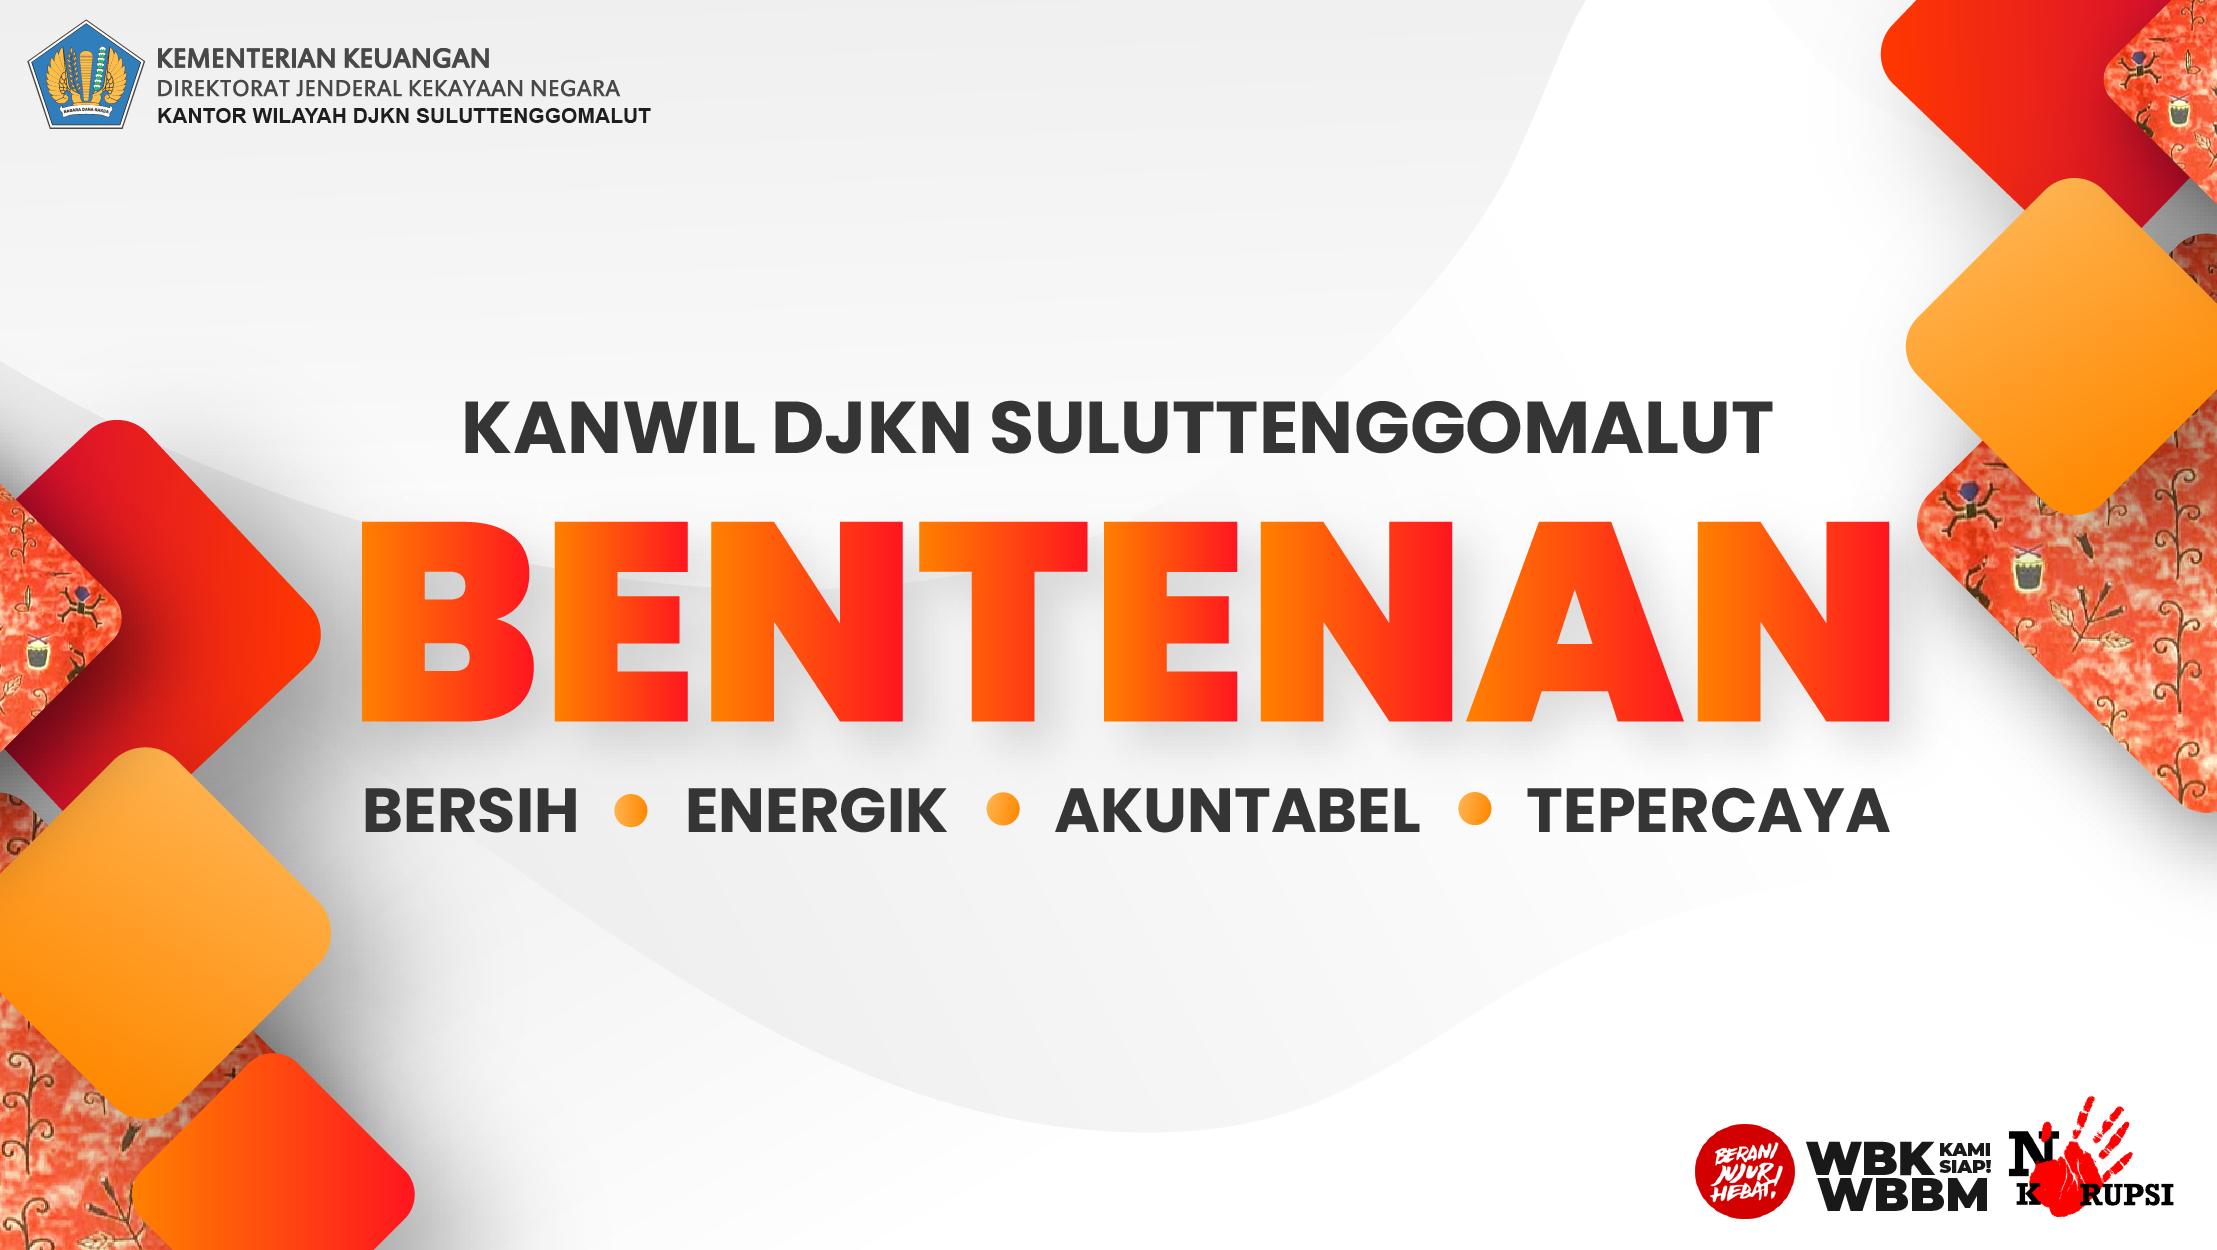 """Kanwil DJKN Suluttenggomalut """"BENTENAN"""""""